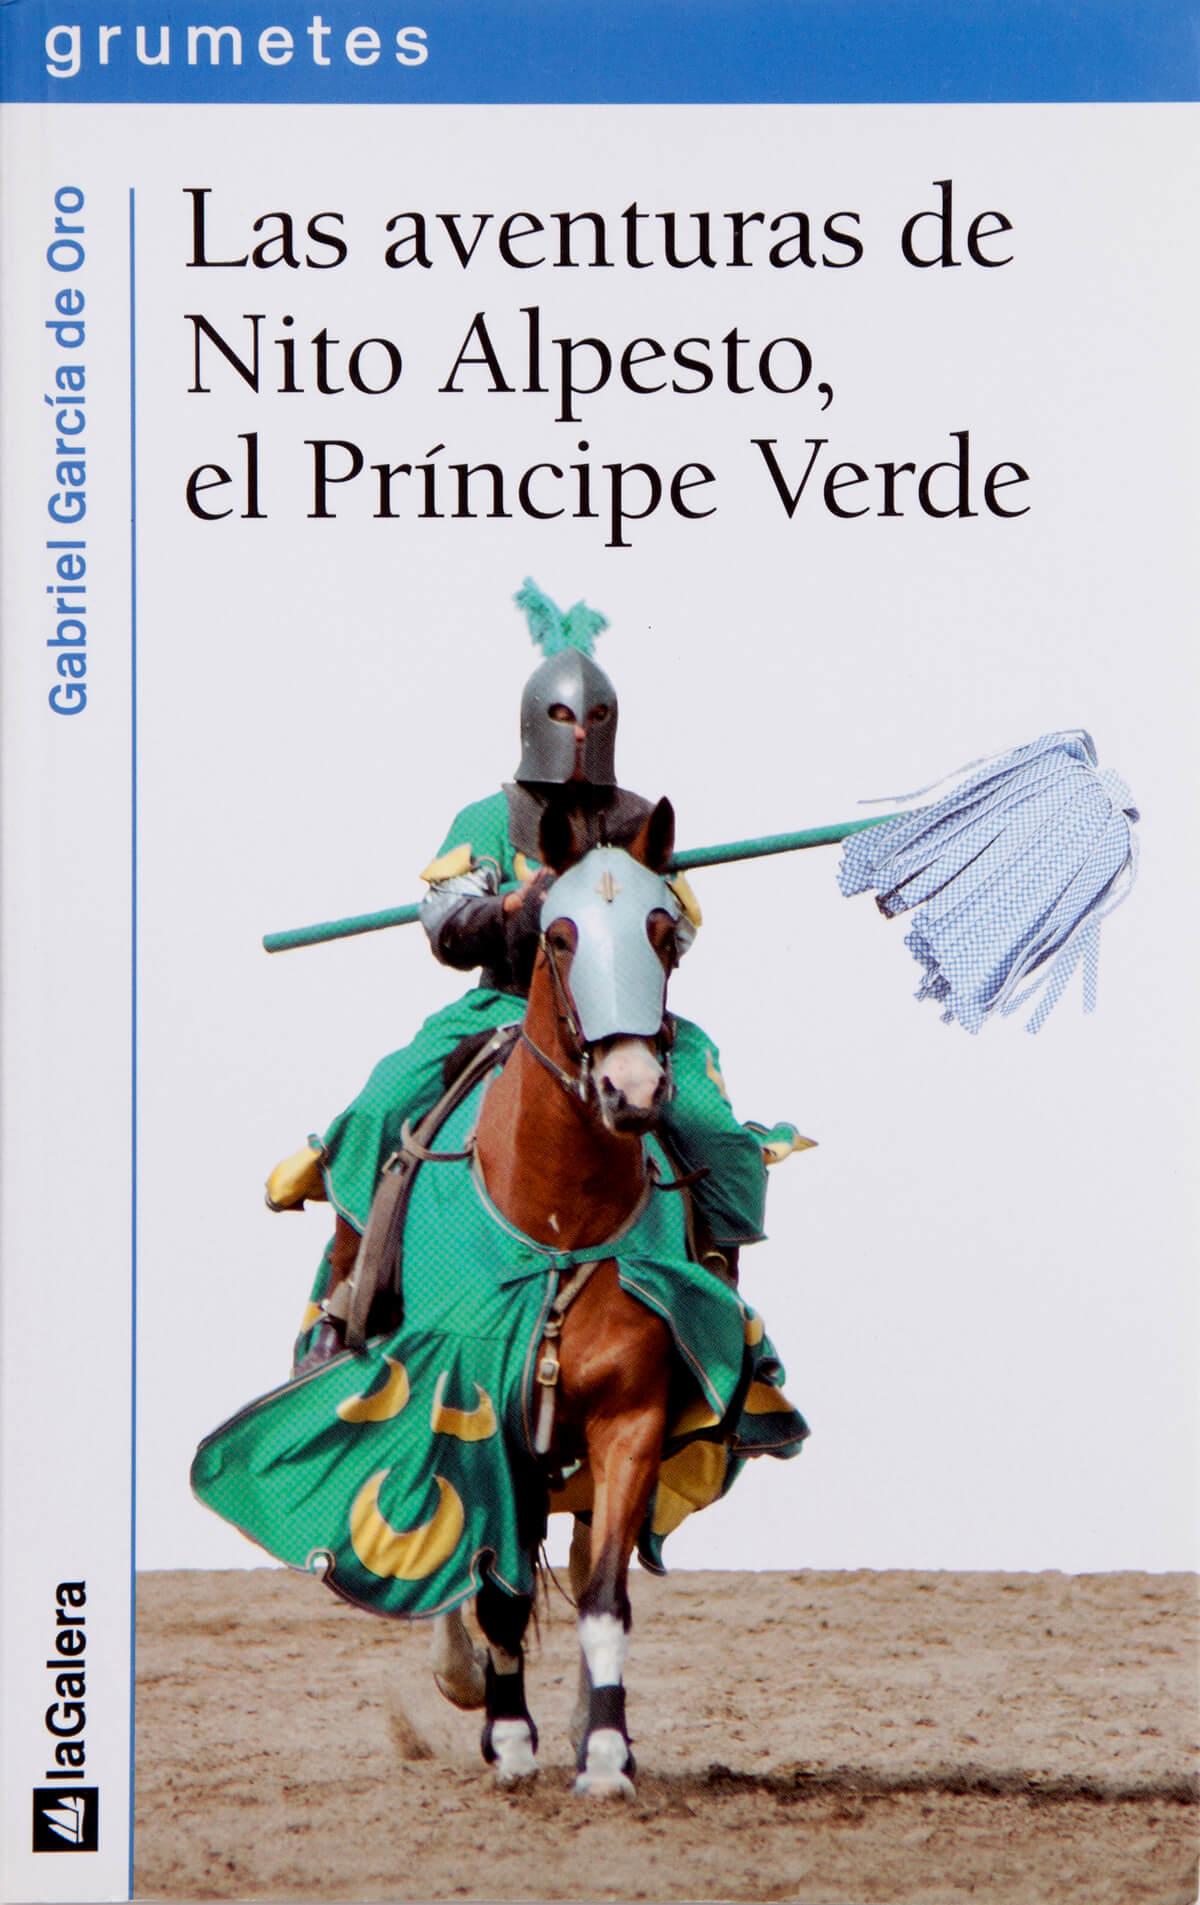 Las Aventuras de Nito Alpesto, el Principe Verde